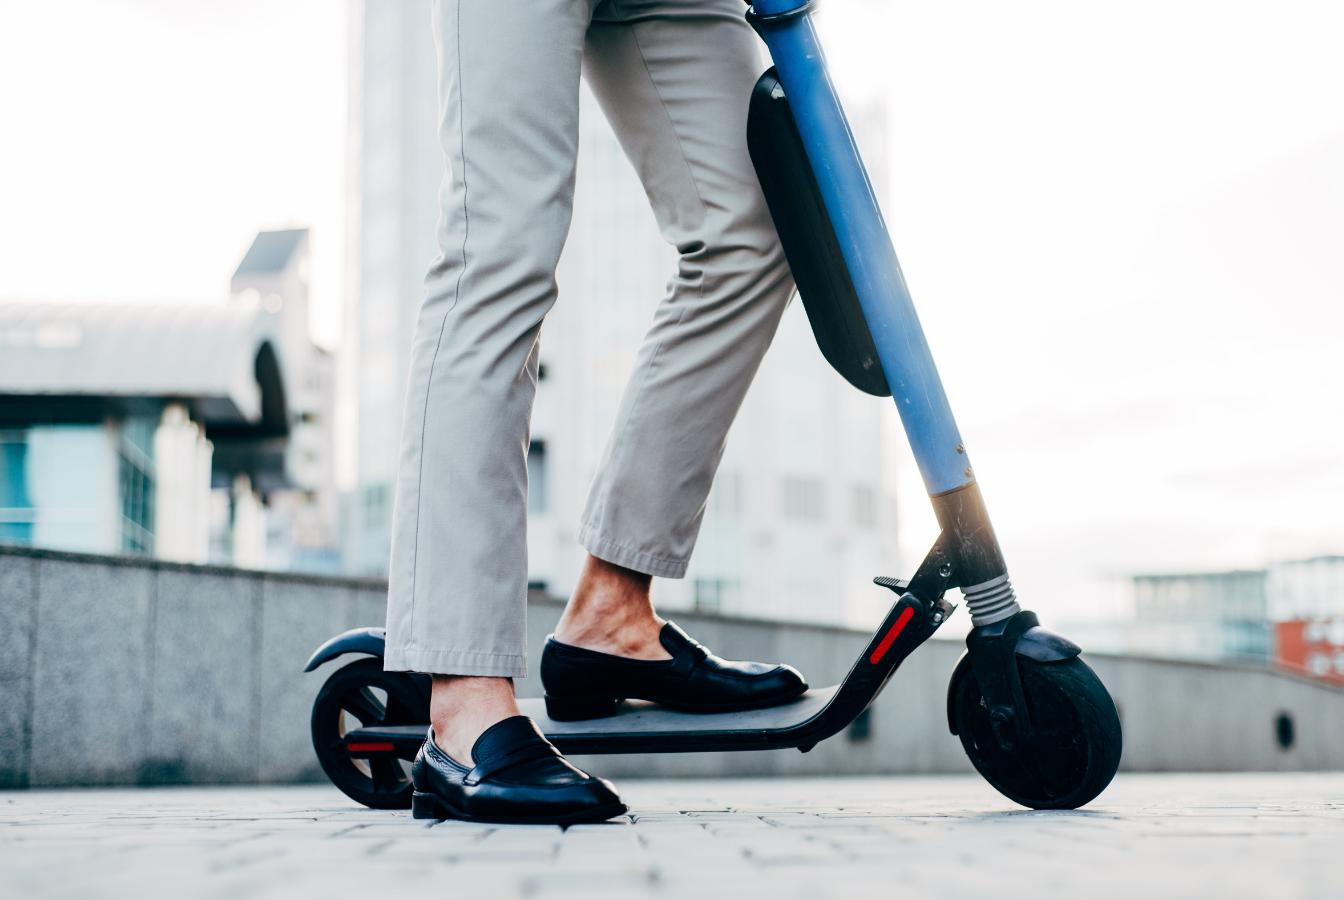 Scooter sharing na polskim rynku rozpędza się – hulajnogi elektryczne na minuty dostępne już w 60 miastach